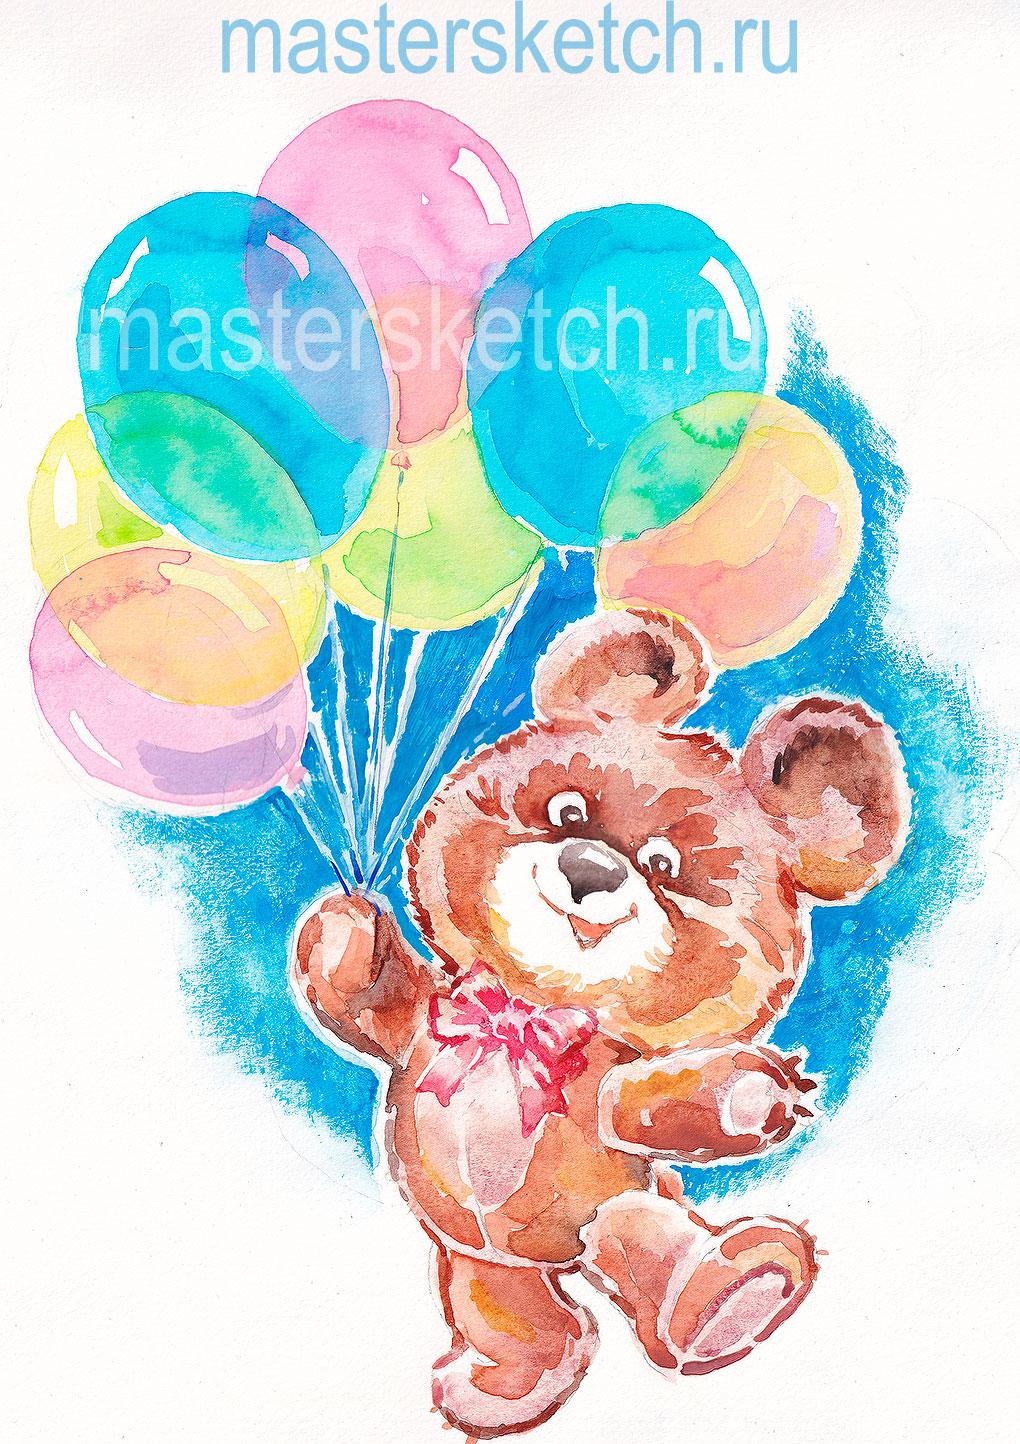 медвежонок, воздушные шарики